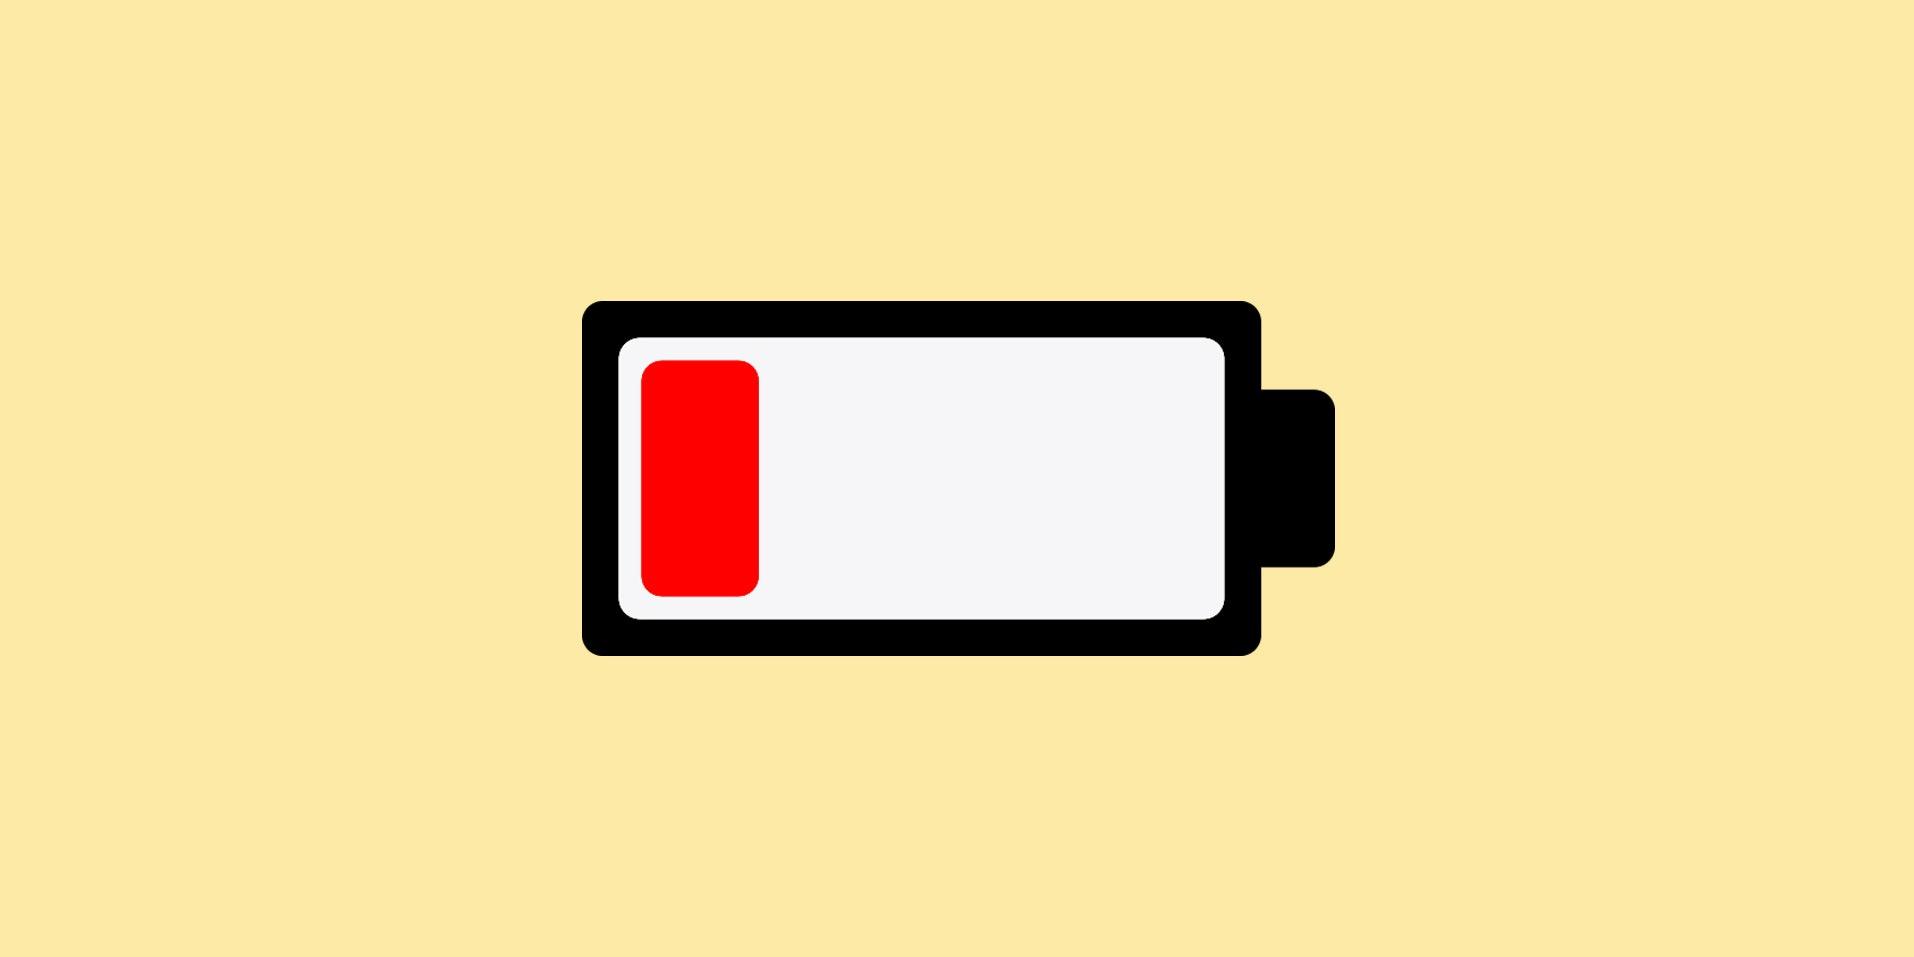 برای سفارش باتری موبایل با قیمت و کیفیت مناسب با شماره 09126439322 تماس بگیرید و یا از طریق سایت www.sharmon.ir سفارش گزاری کنید